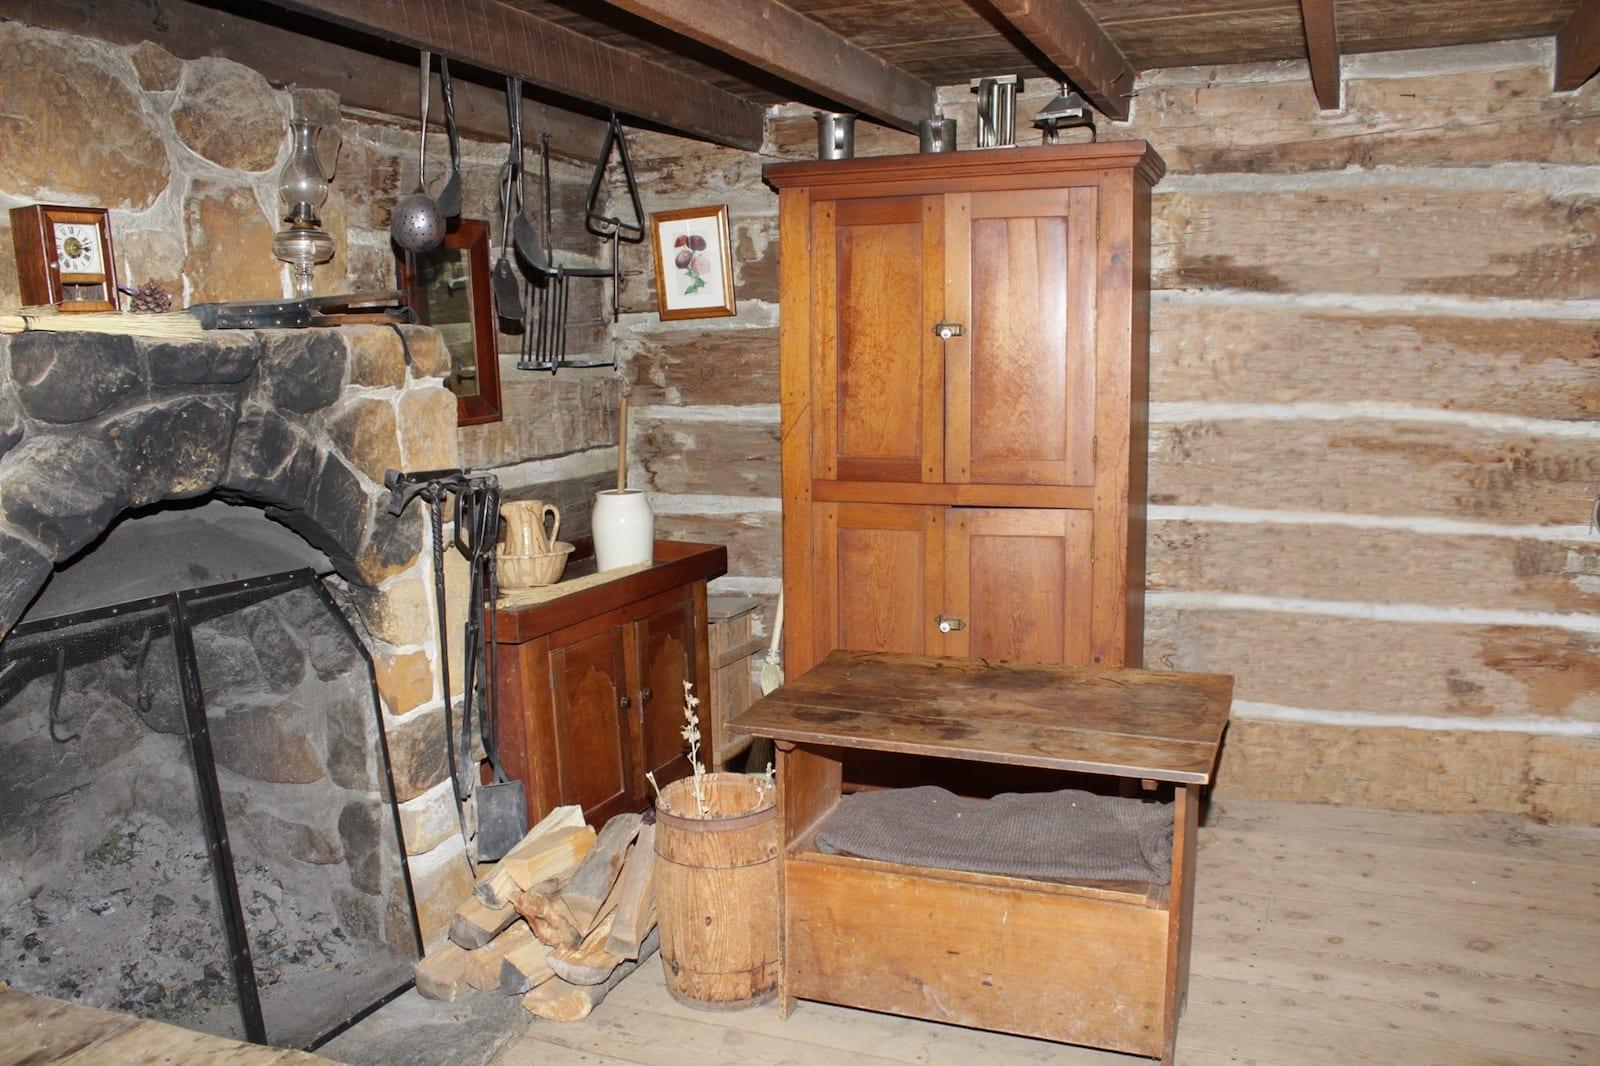 Indoor exhibits in Littleton Museum, CO